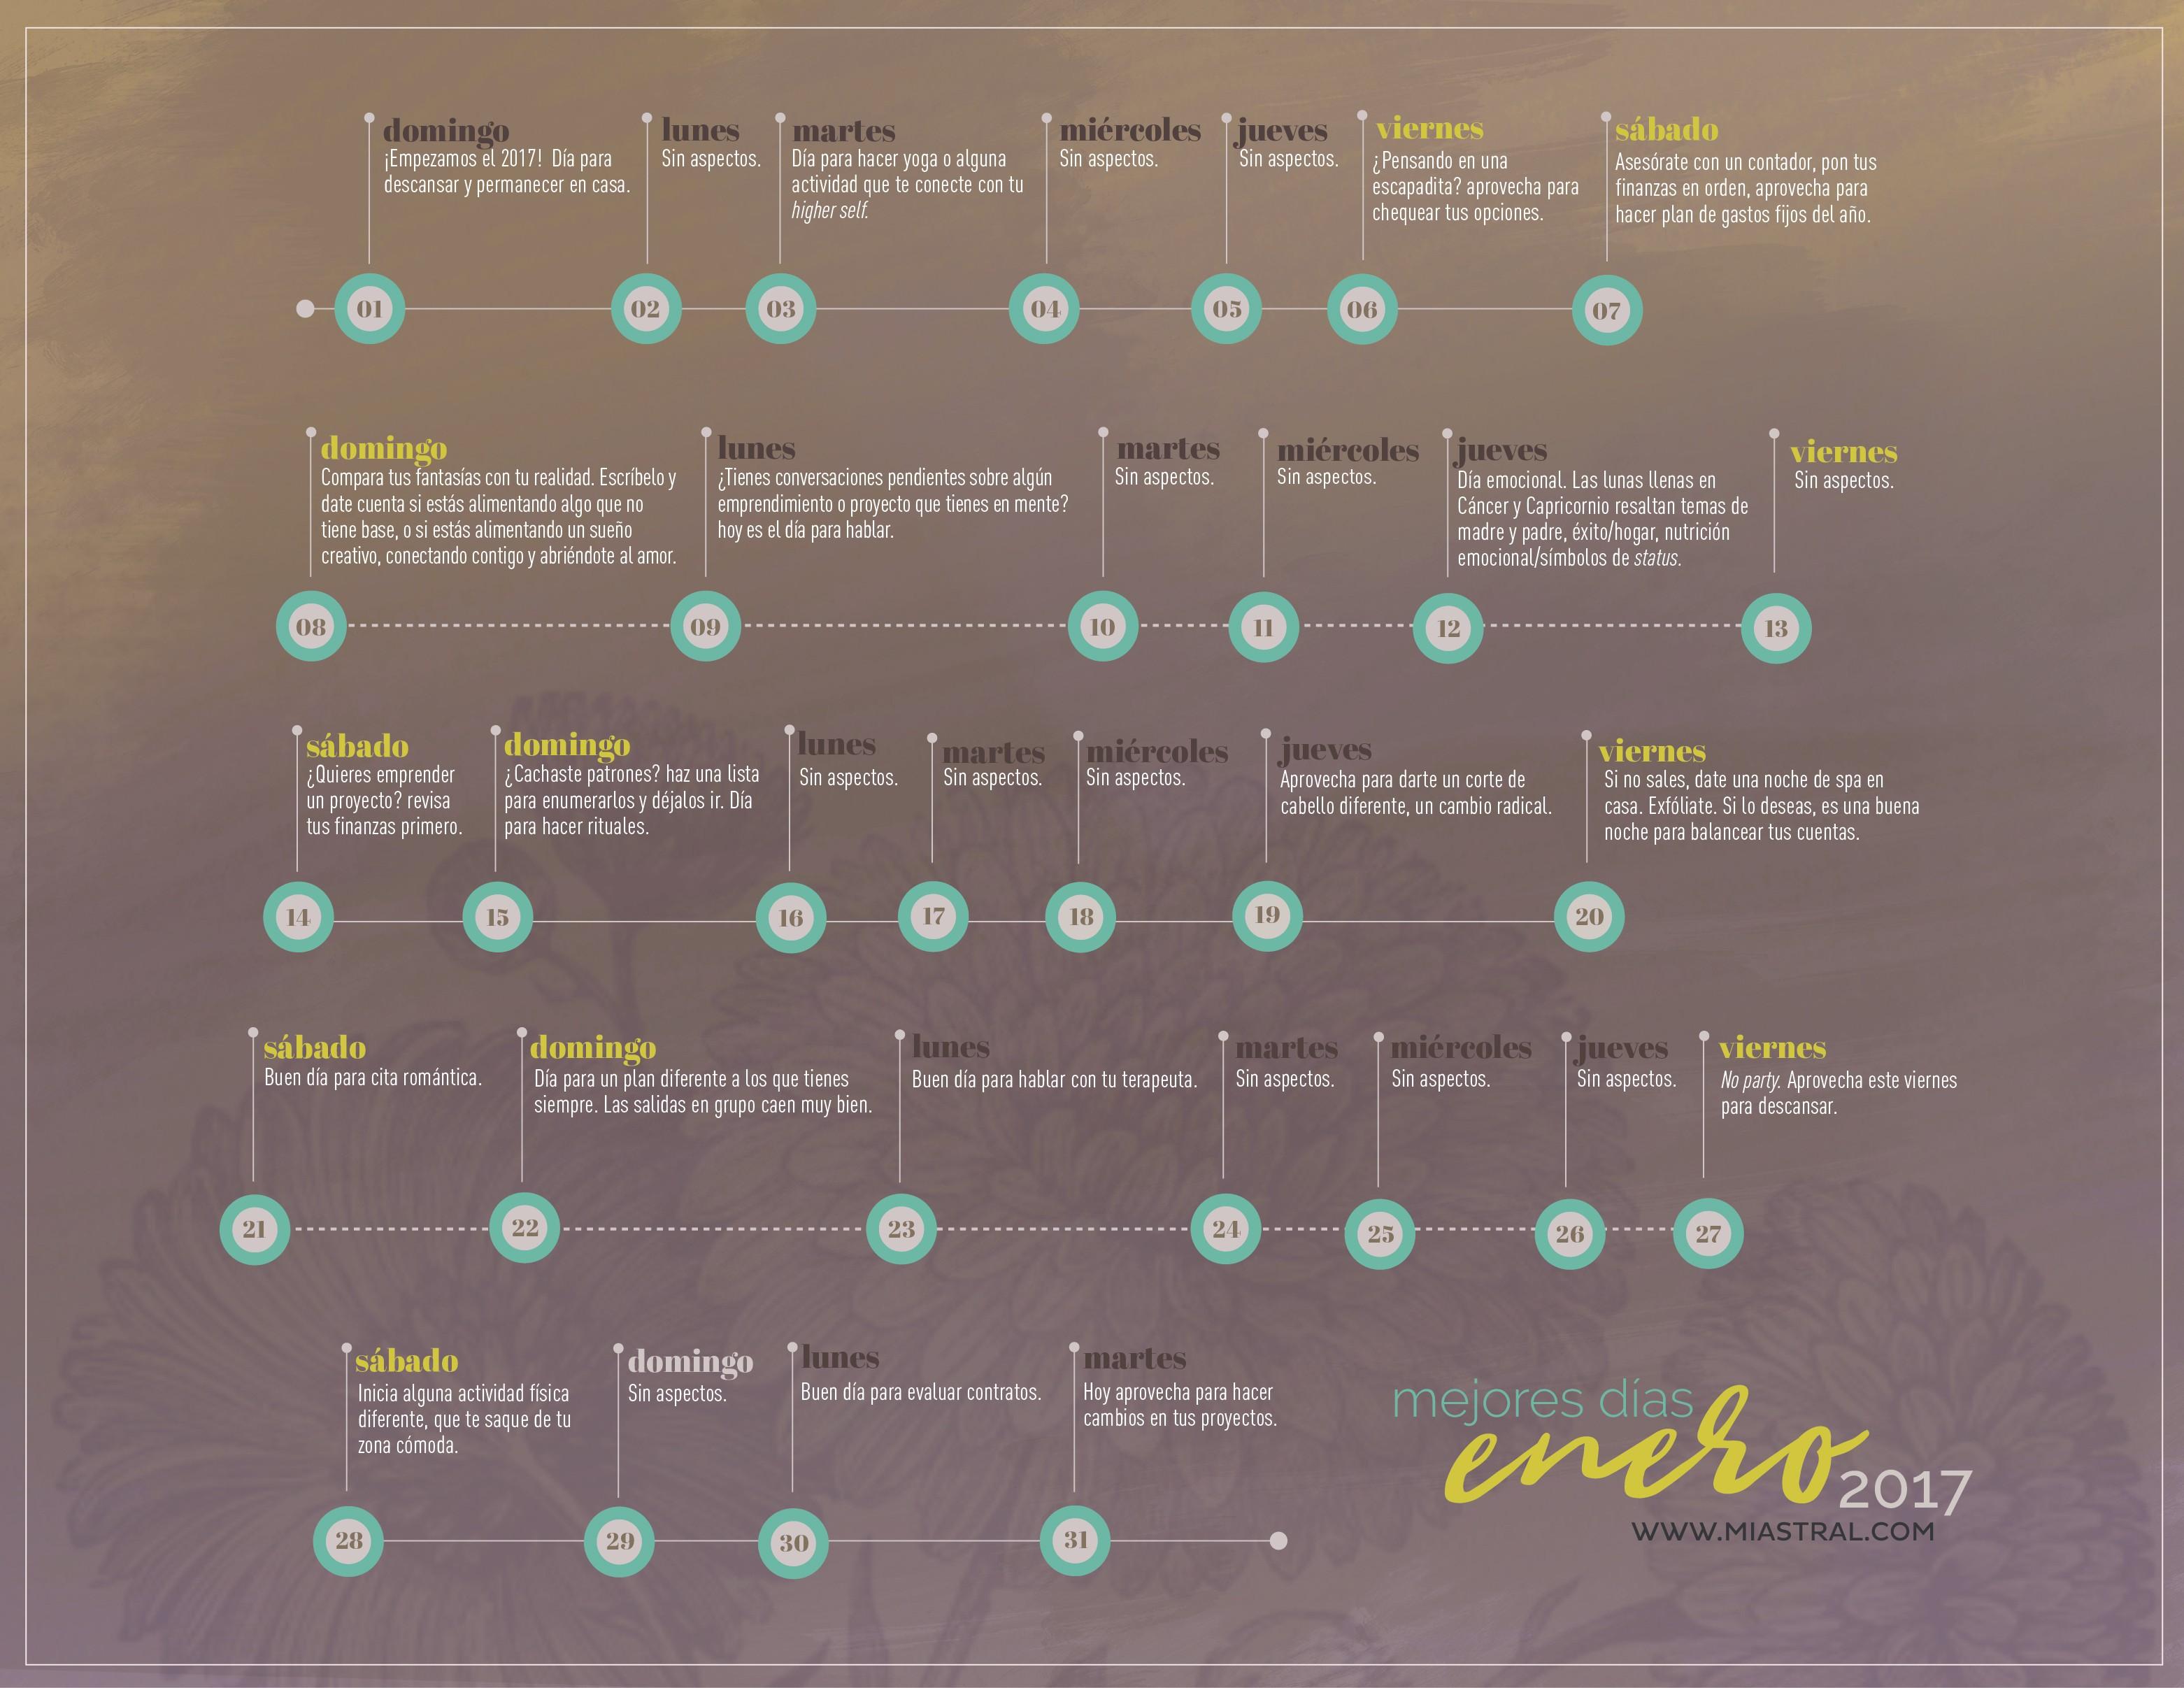 Calendario Mensual 2019 Para Imprimir Word Más Recientes Calendarios Del Mes Kordurorddiner Of Calendario Mensual 2019 Para Imprimir Word Recientes Calendario 2016 Imprimibles Pinterest